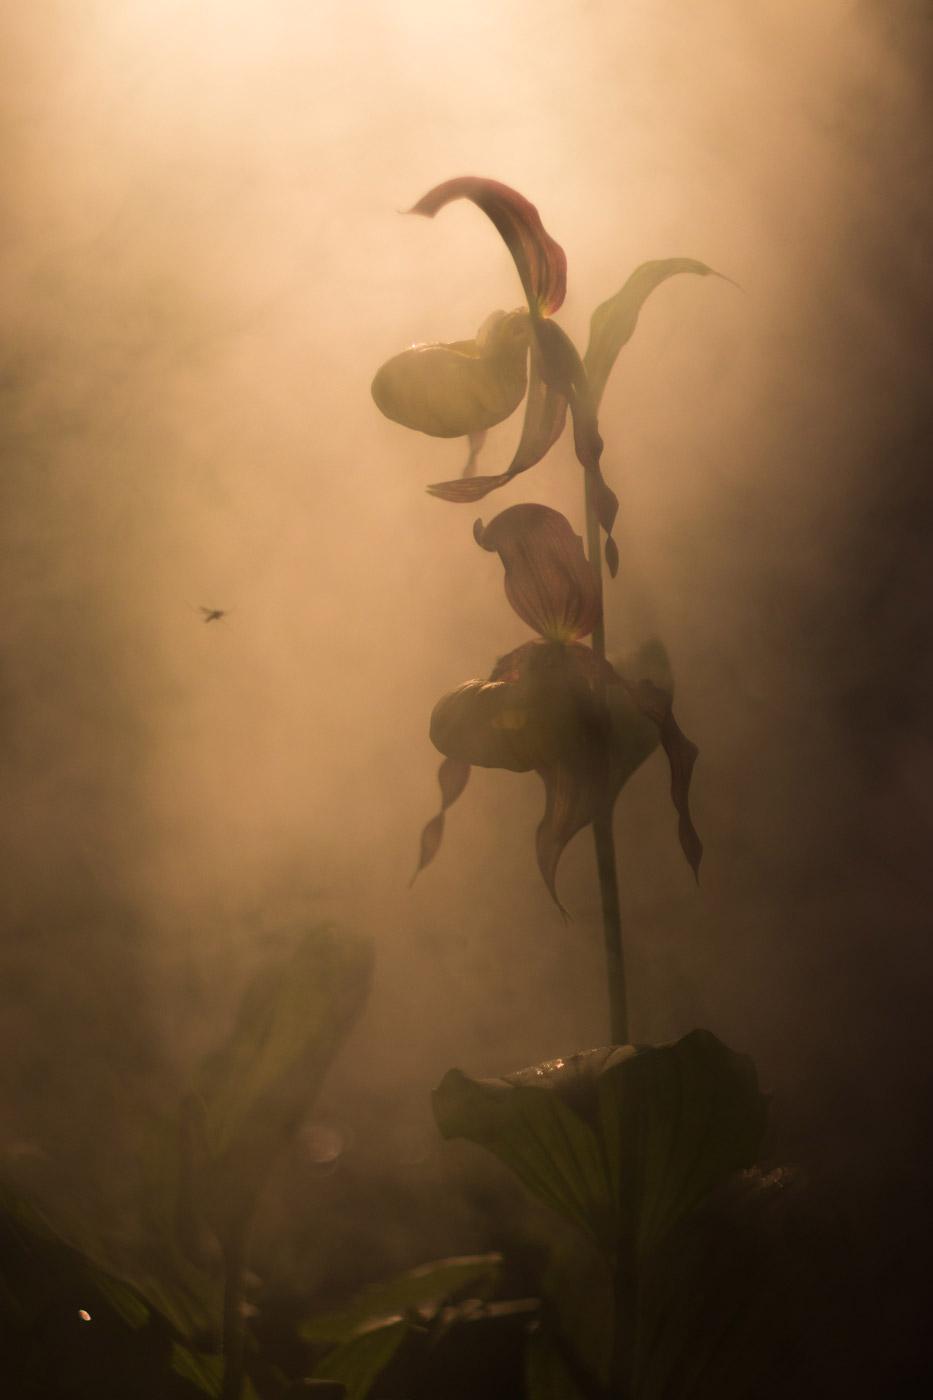 Тишина, © Андрей Кузнецов, 1-е место в номинации «Растения», Фотоконкурс «Дикая природа России» от National Geographic